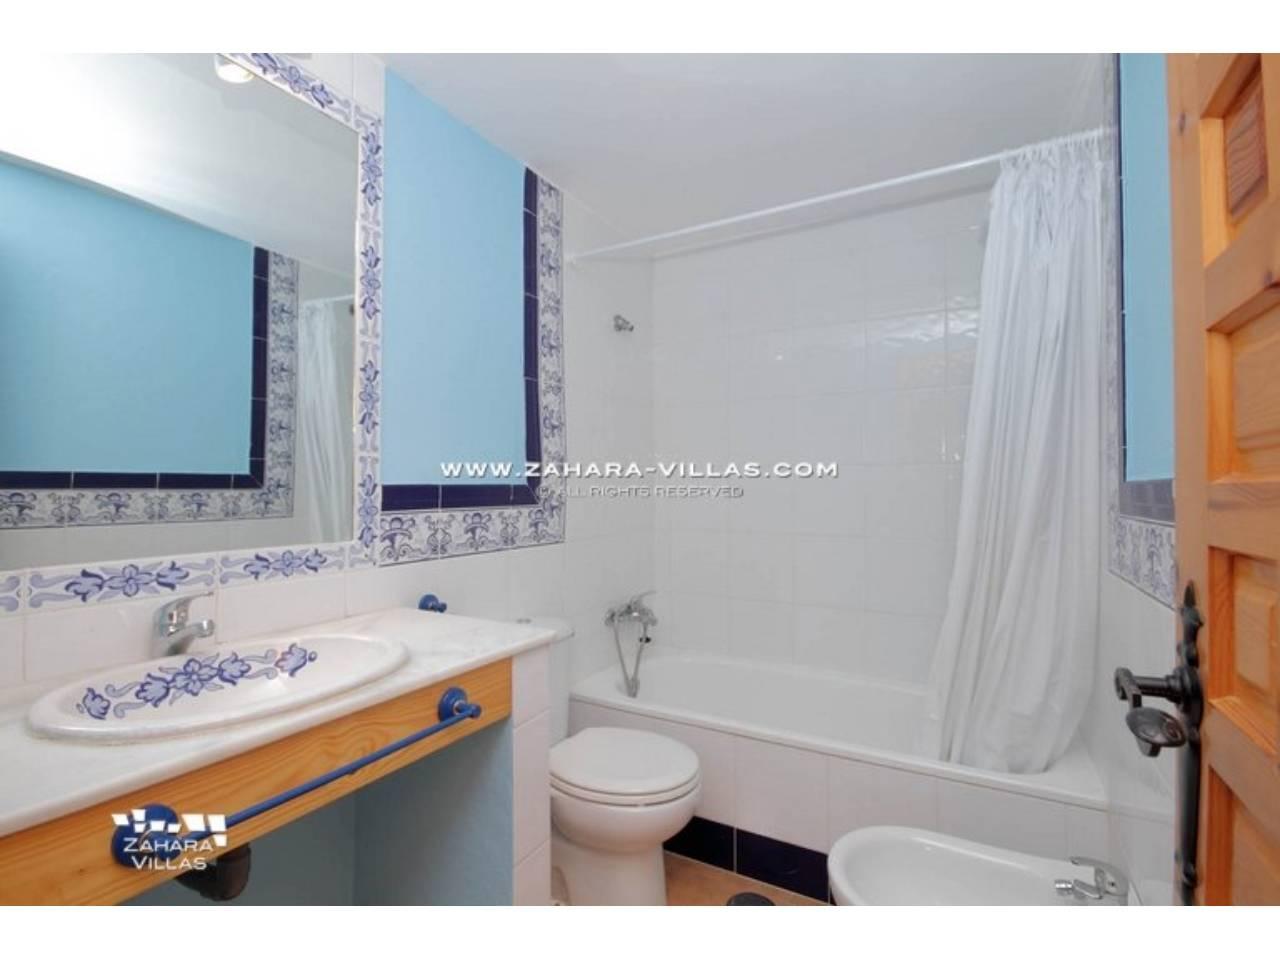 Imagen 8 de Magnifico Atico 4 dormitorios, 2 baños con plaza de garaje